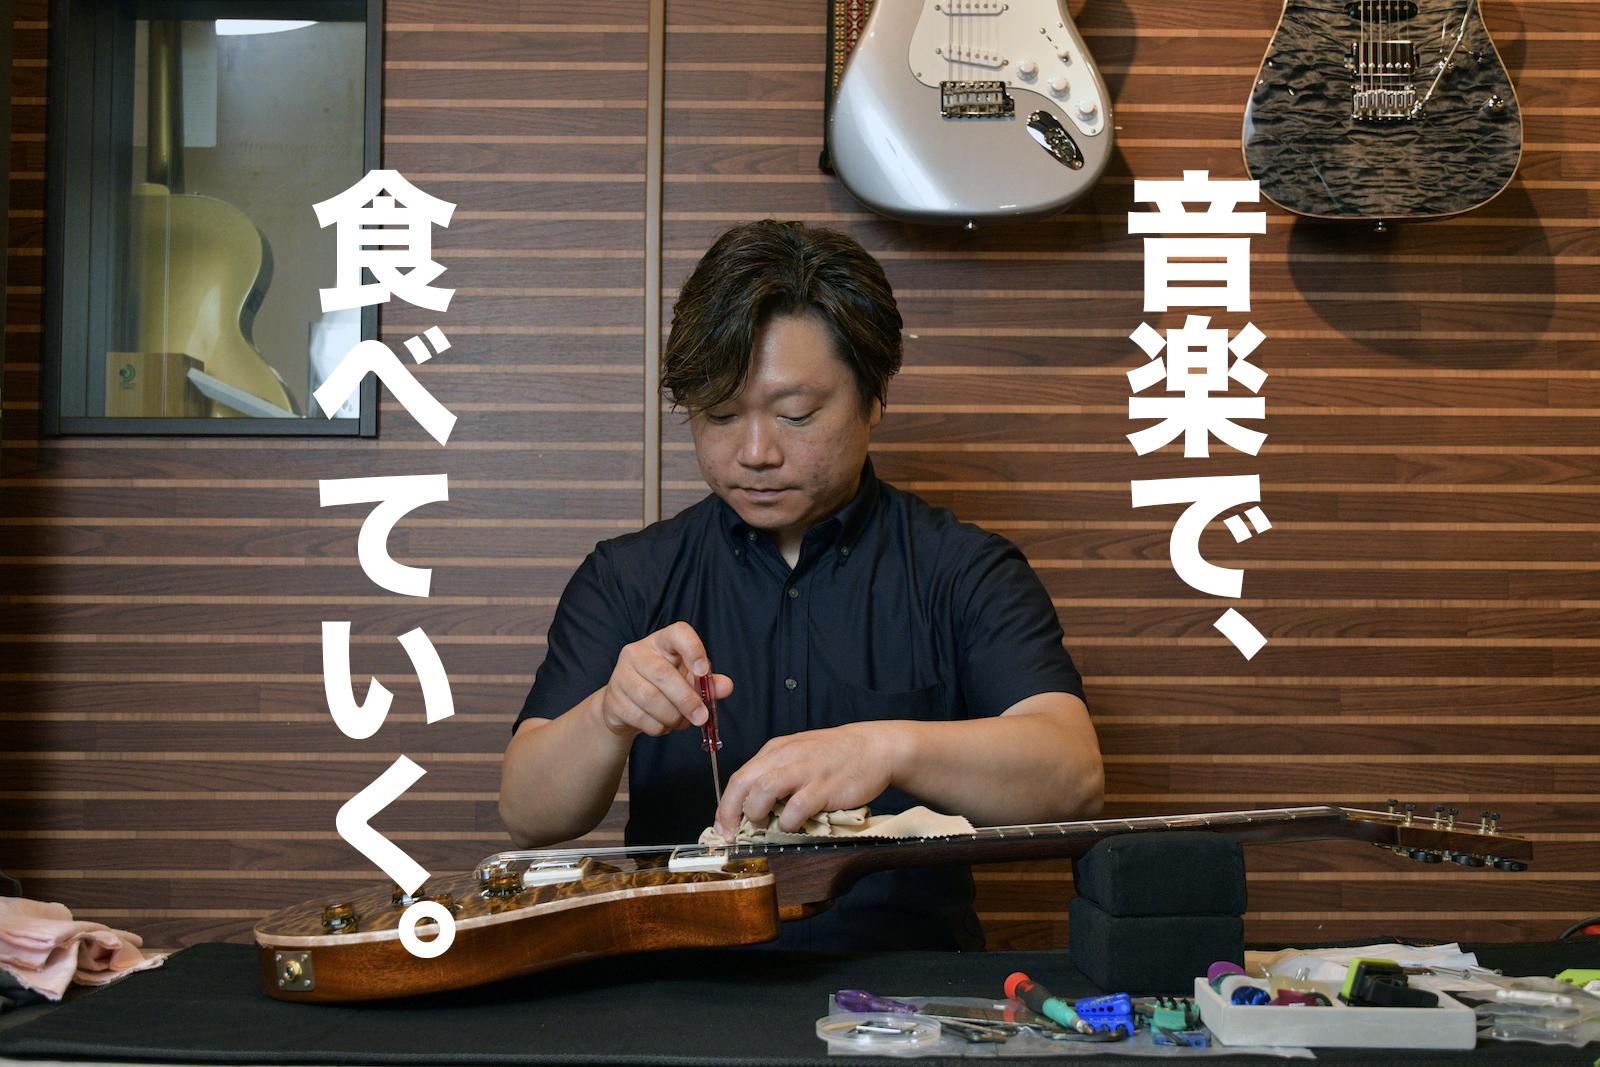 【音楽で食べていく005】東京と福岡の2拠点でマニア垂涎のハイエンドギターを販売〜サポートするBottom's Up Guitarsを経営する重浦宏太さん(前編)